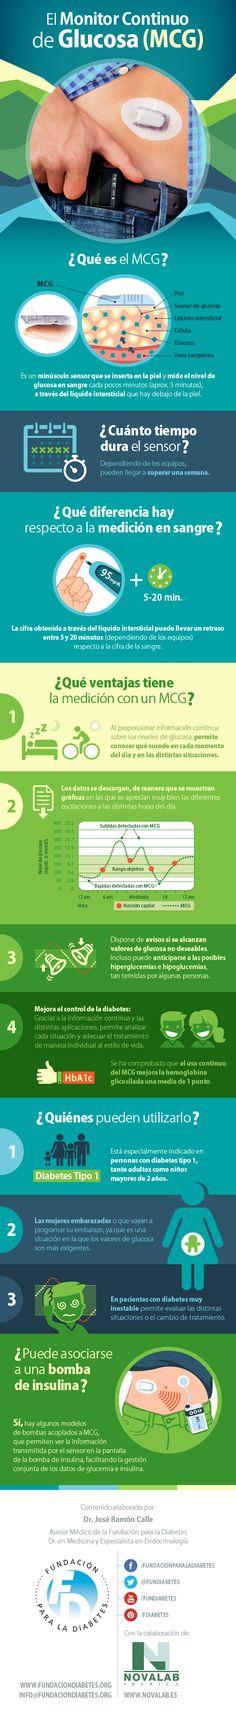 """Infografía """"El monitor continuo de glucosa (MCG)"""" / Diabetes"""